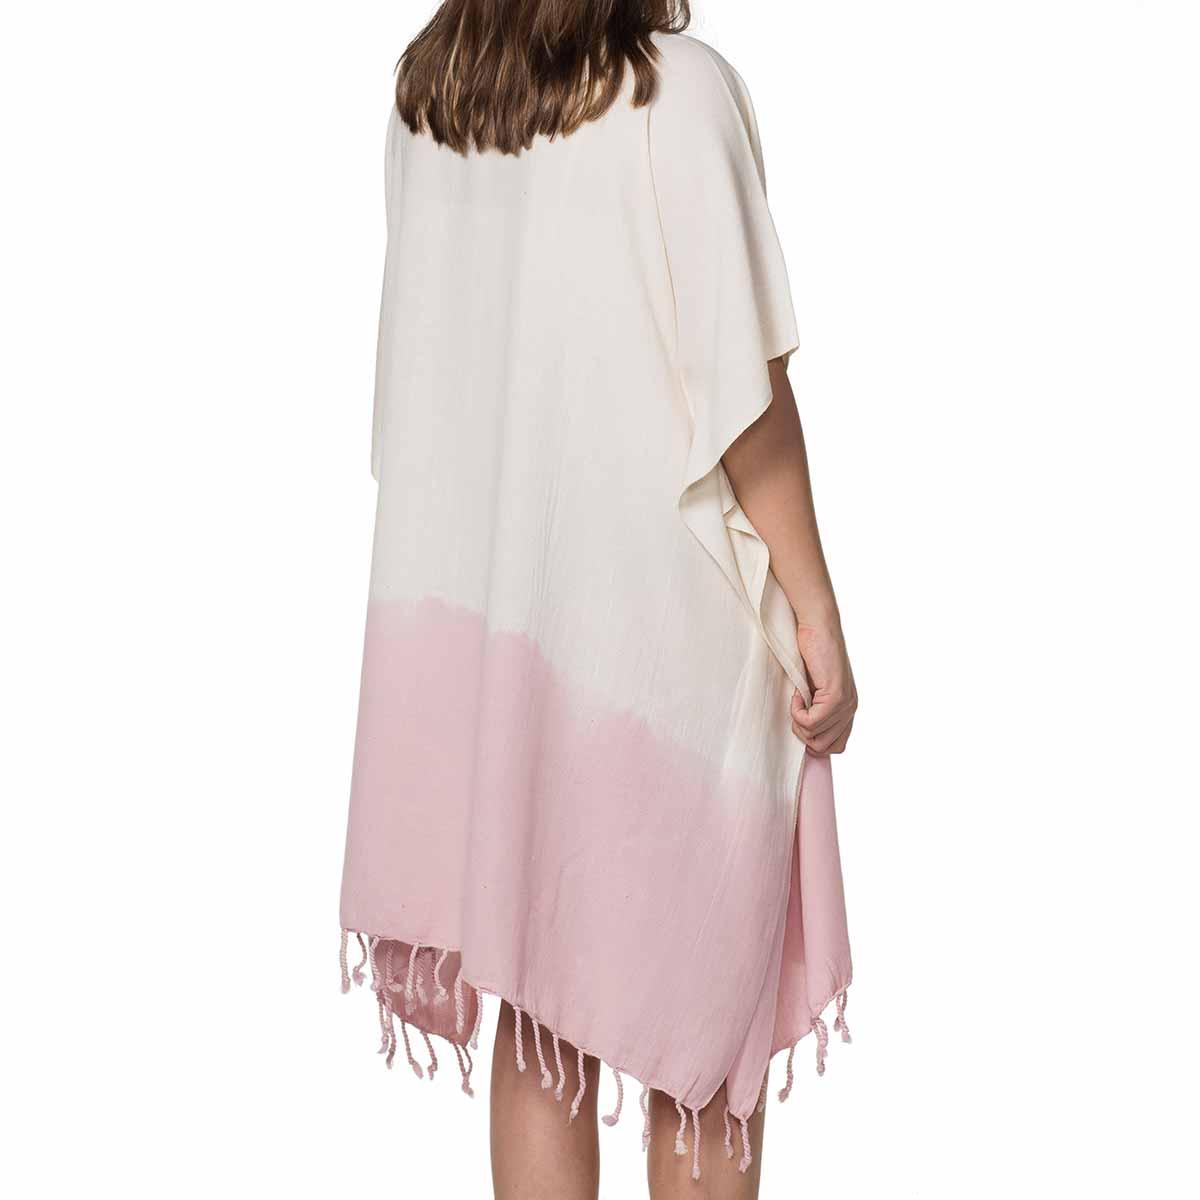 Tunic Minzi / Tie Dye - Bottom Rose Pink